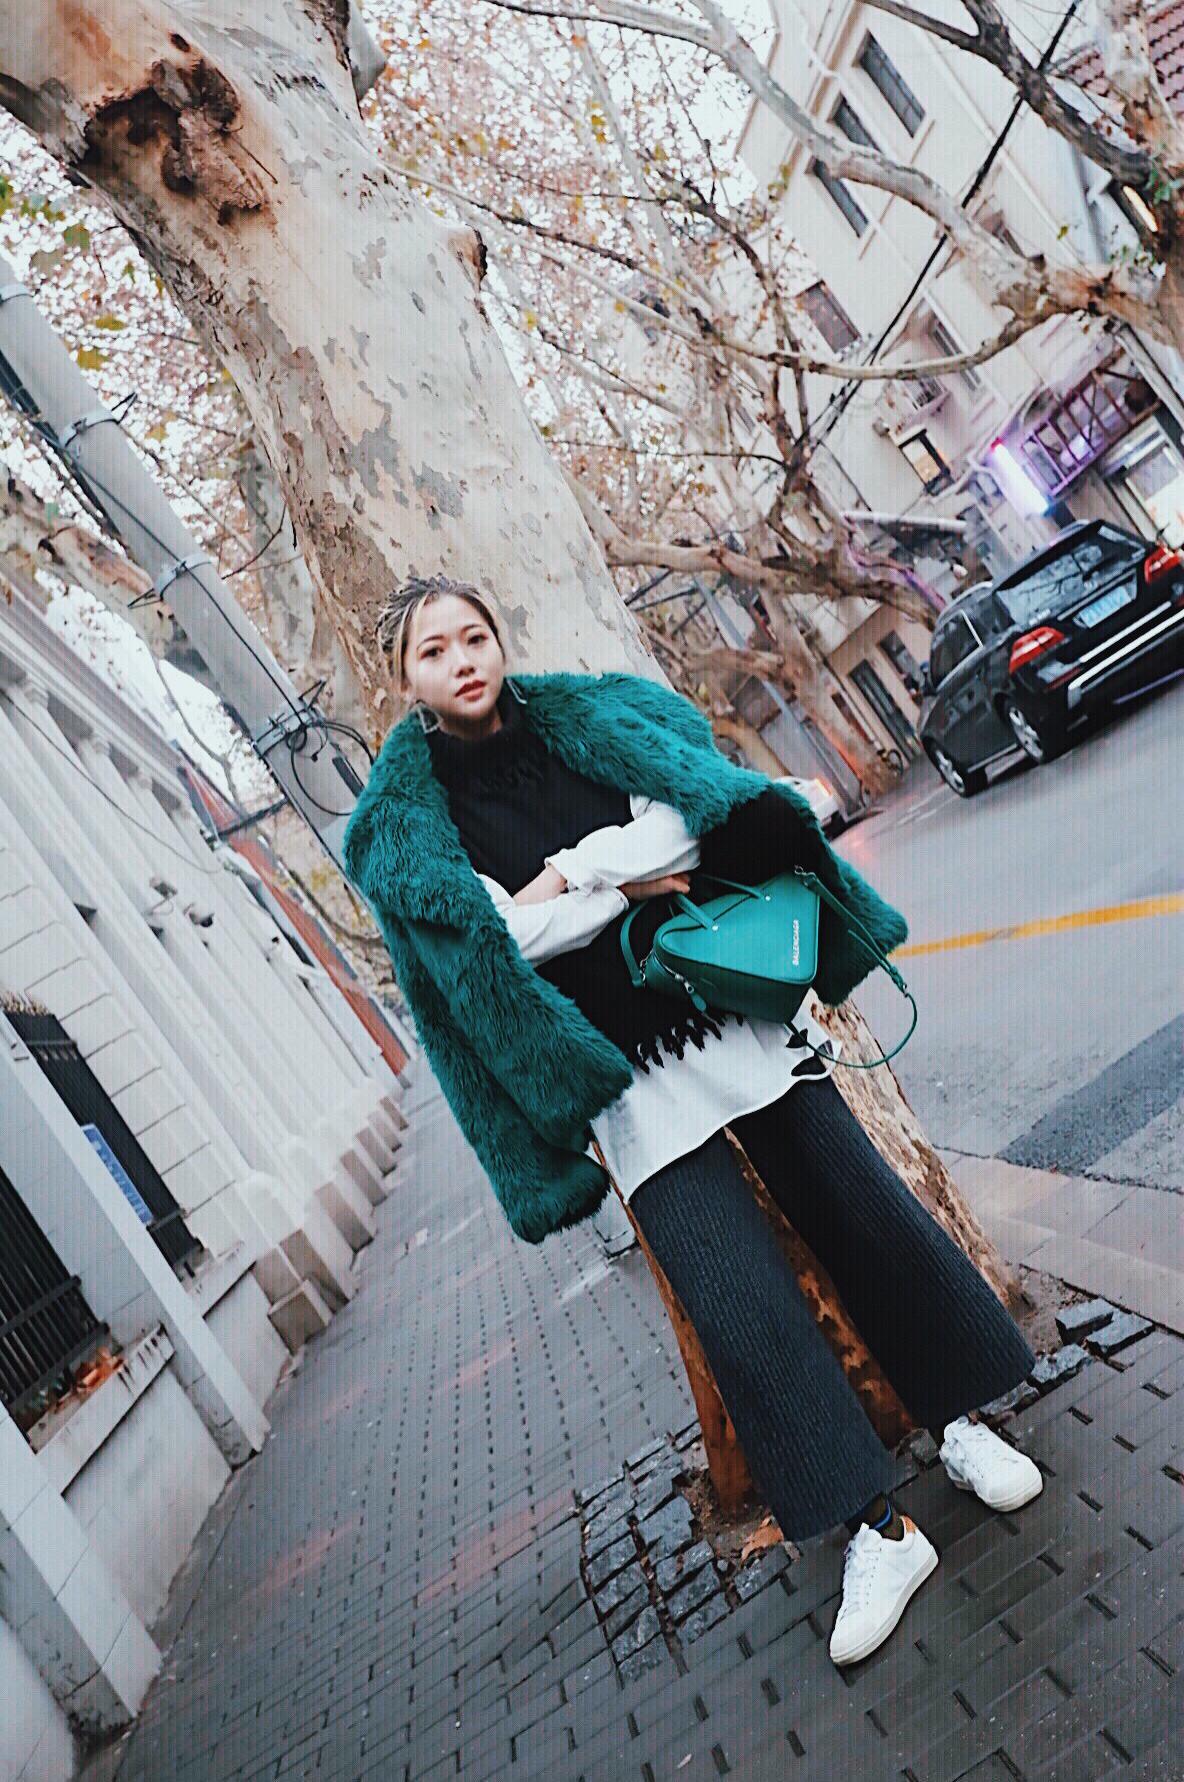 #最后一波冷空气,请放马过来吧# 去年入的Msgm皮草  其实挺好看的~ 内搭的毛衣马甲是个新的日本牌